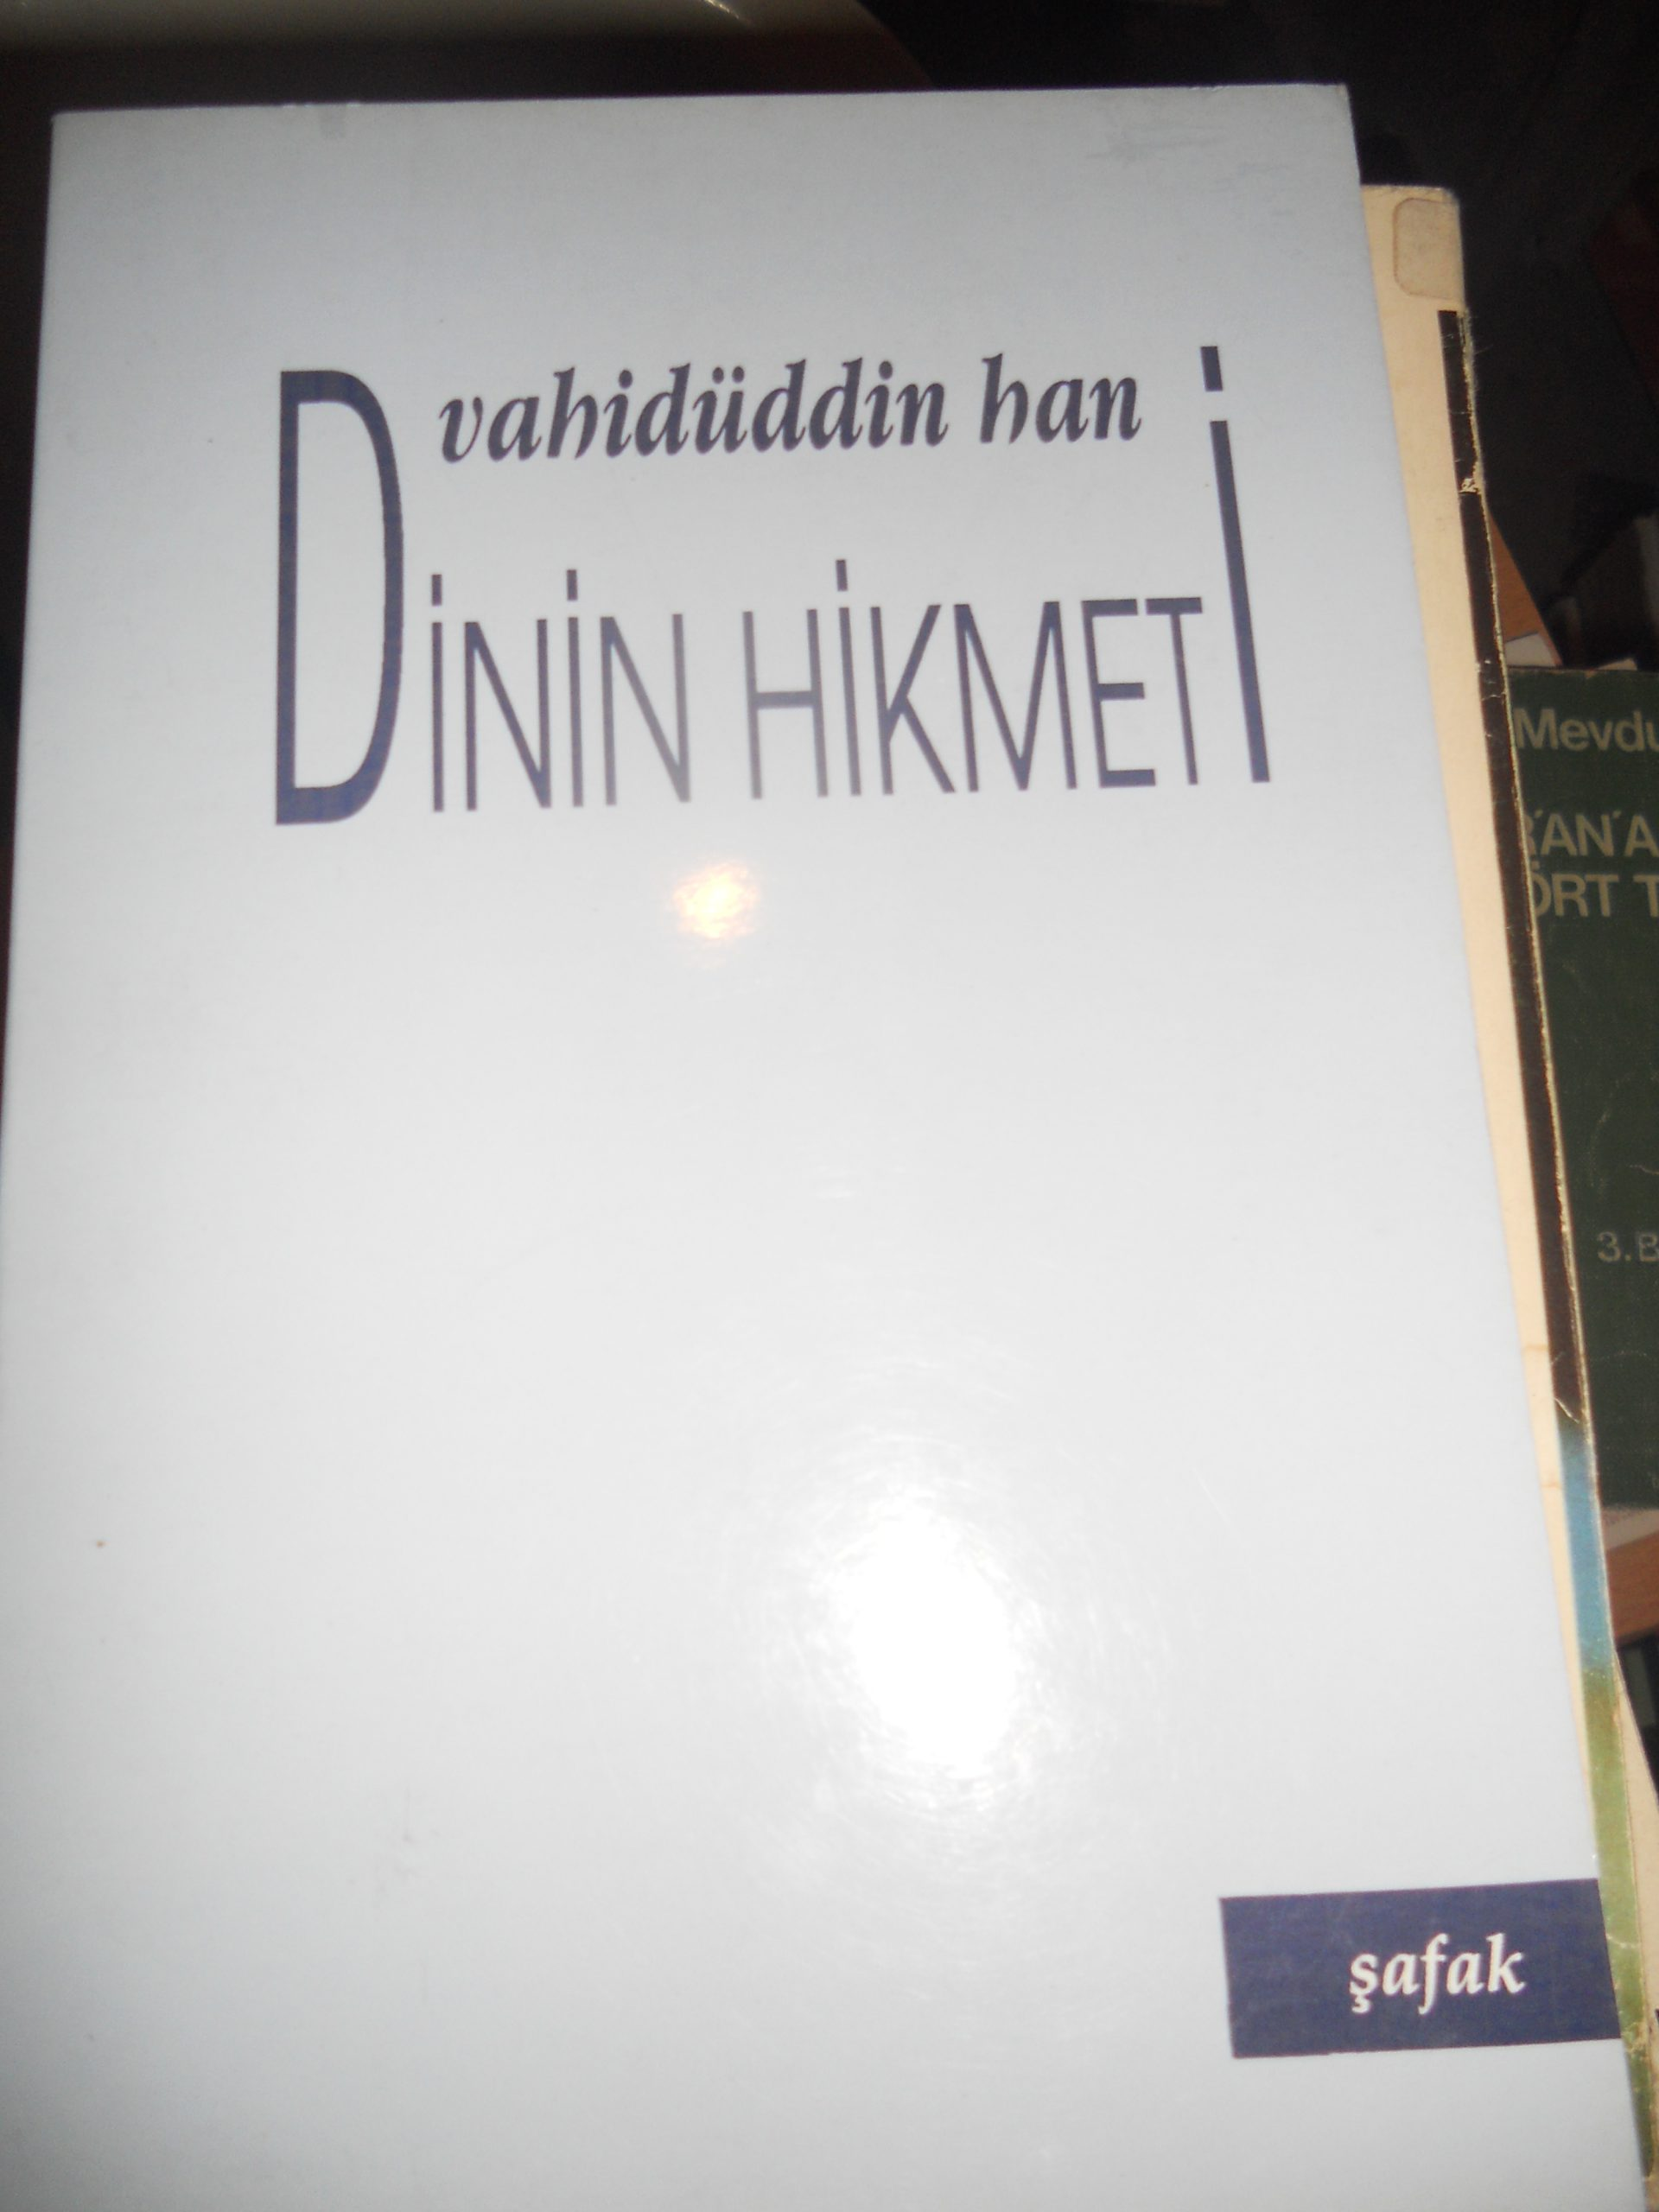 DİNİN HİKMETİ/Vahidüddin Han/ 10 tl